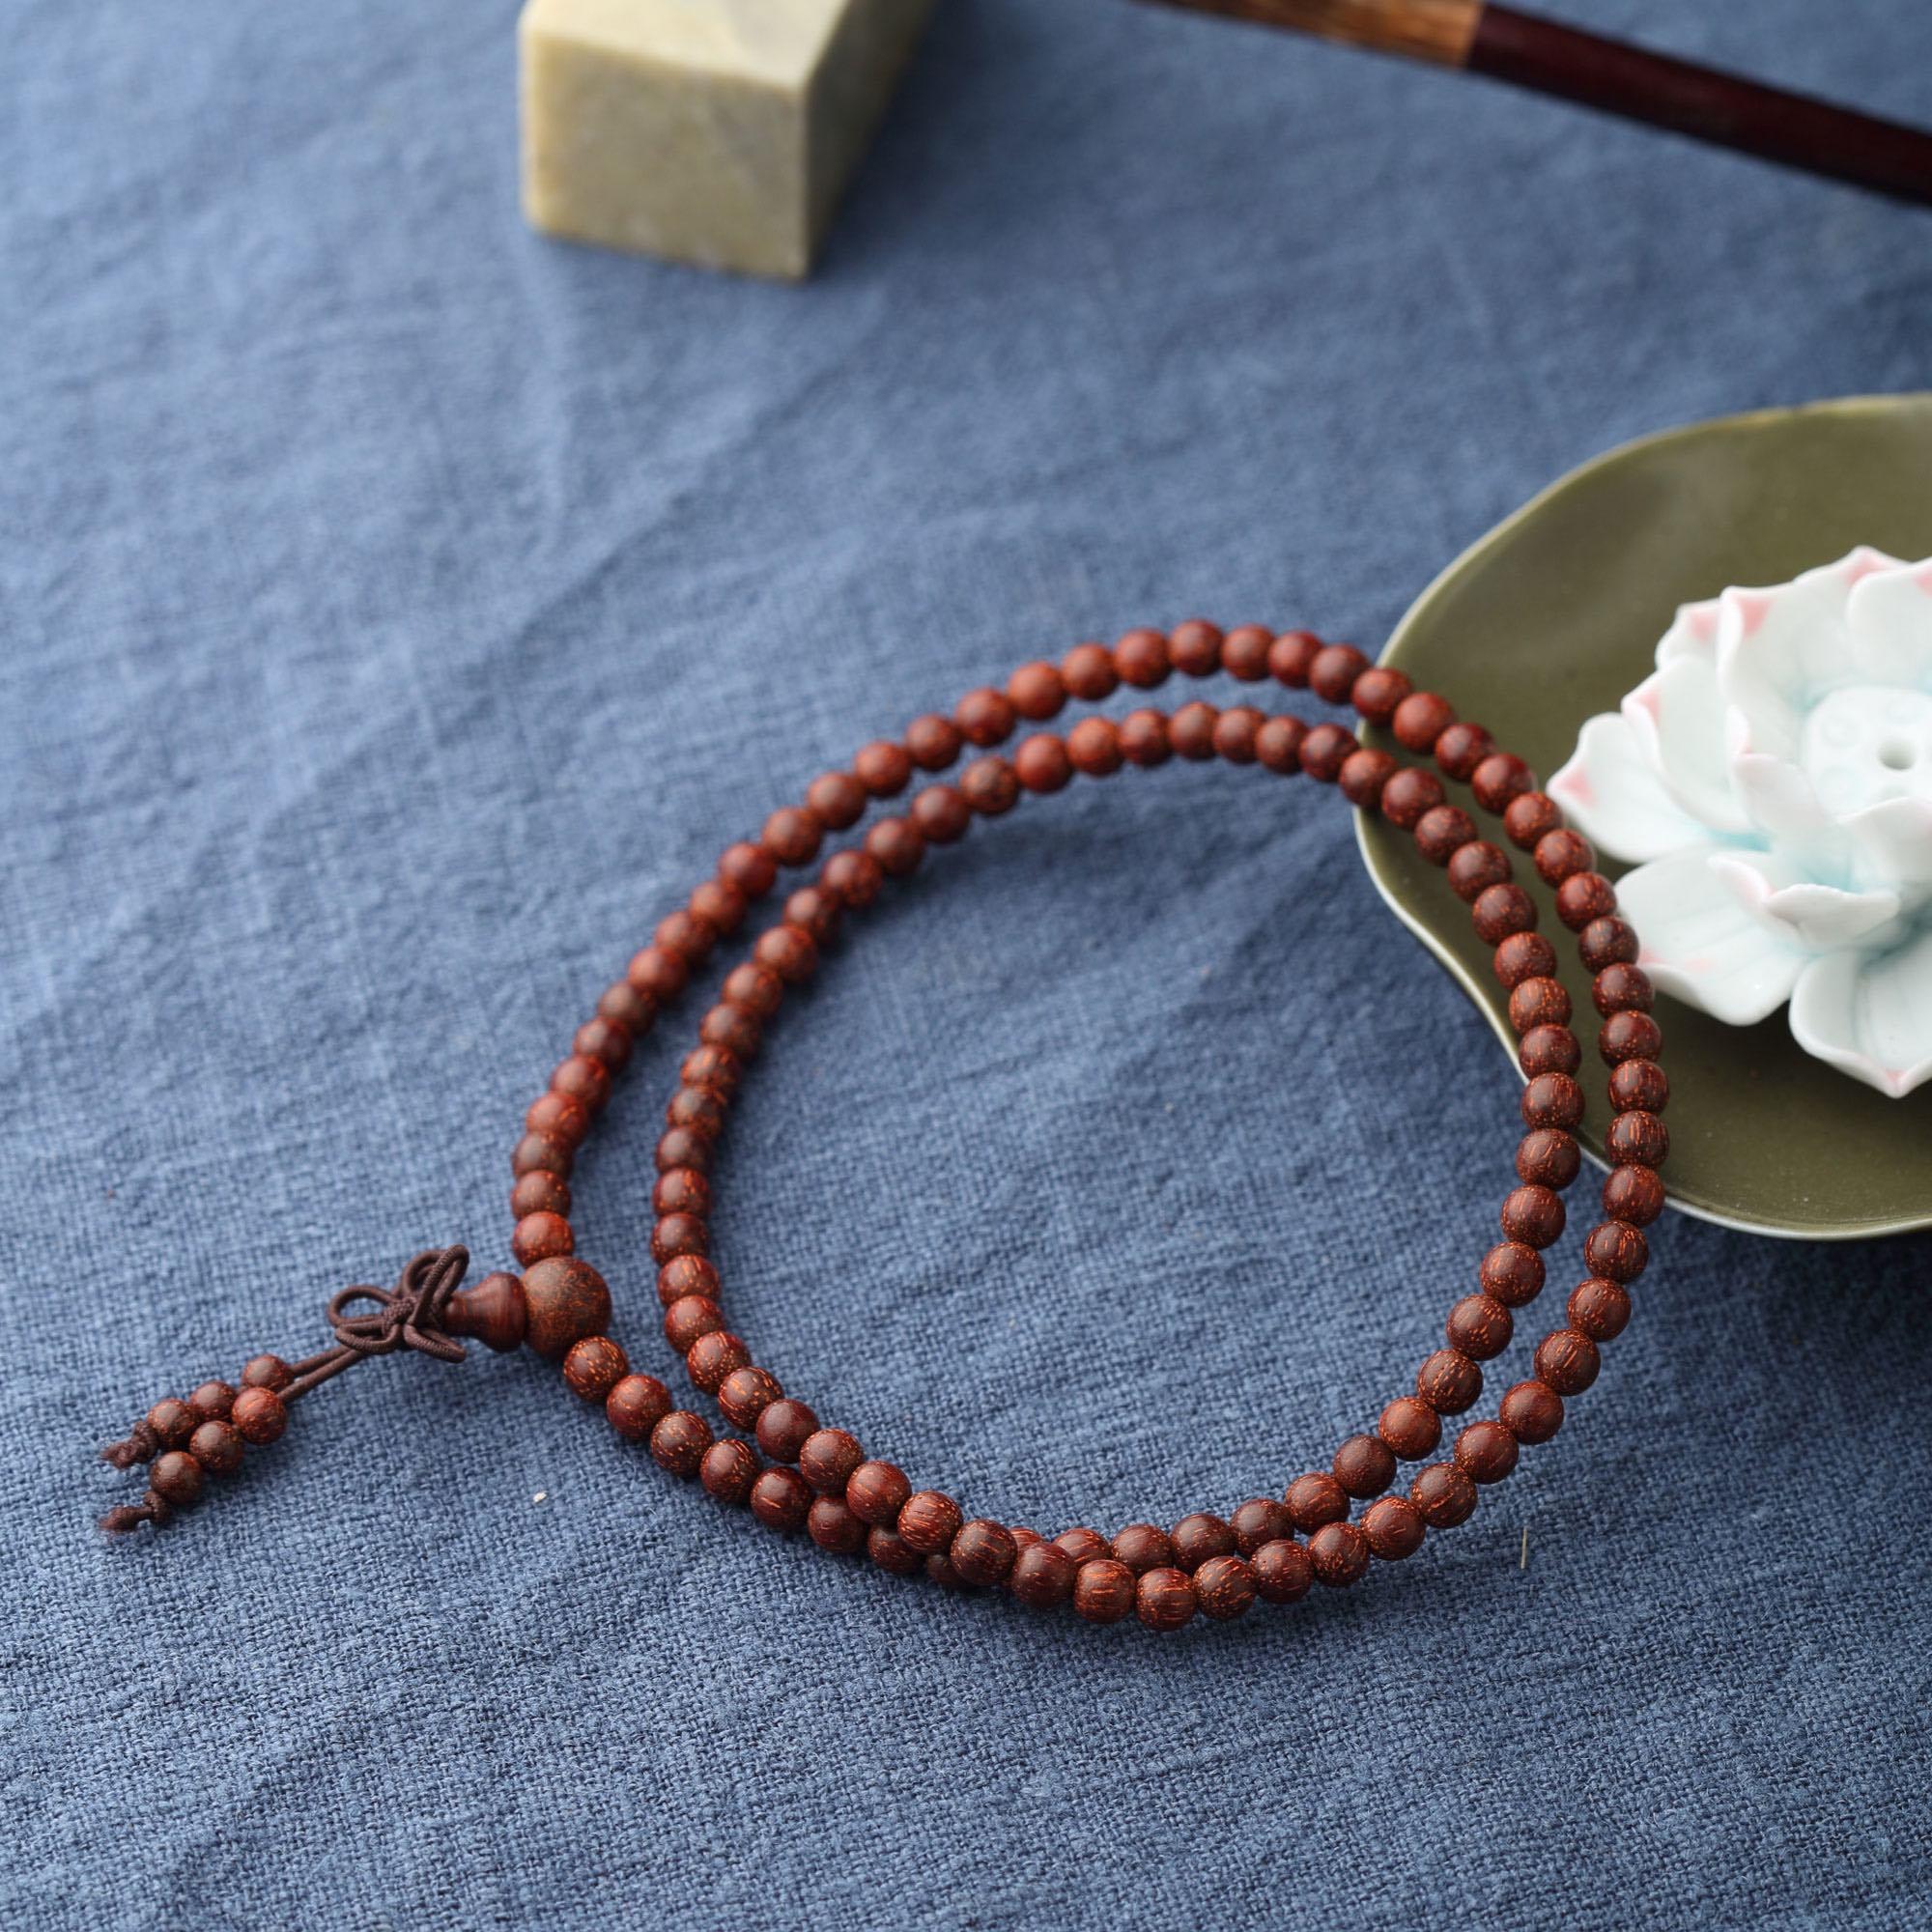 印度高密小叶紫檀素珠长串108颗